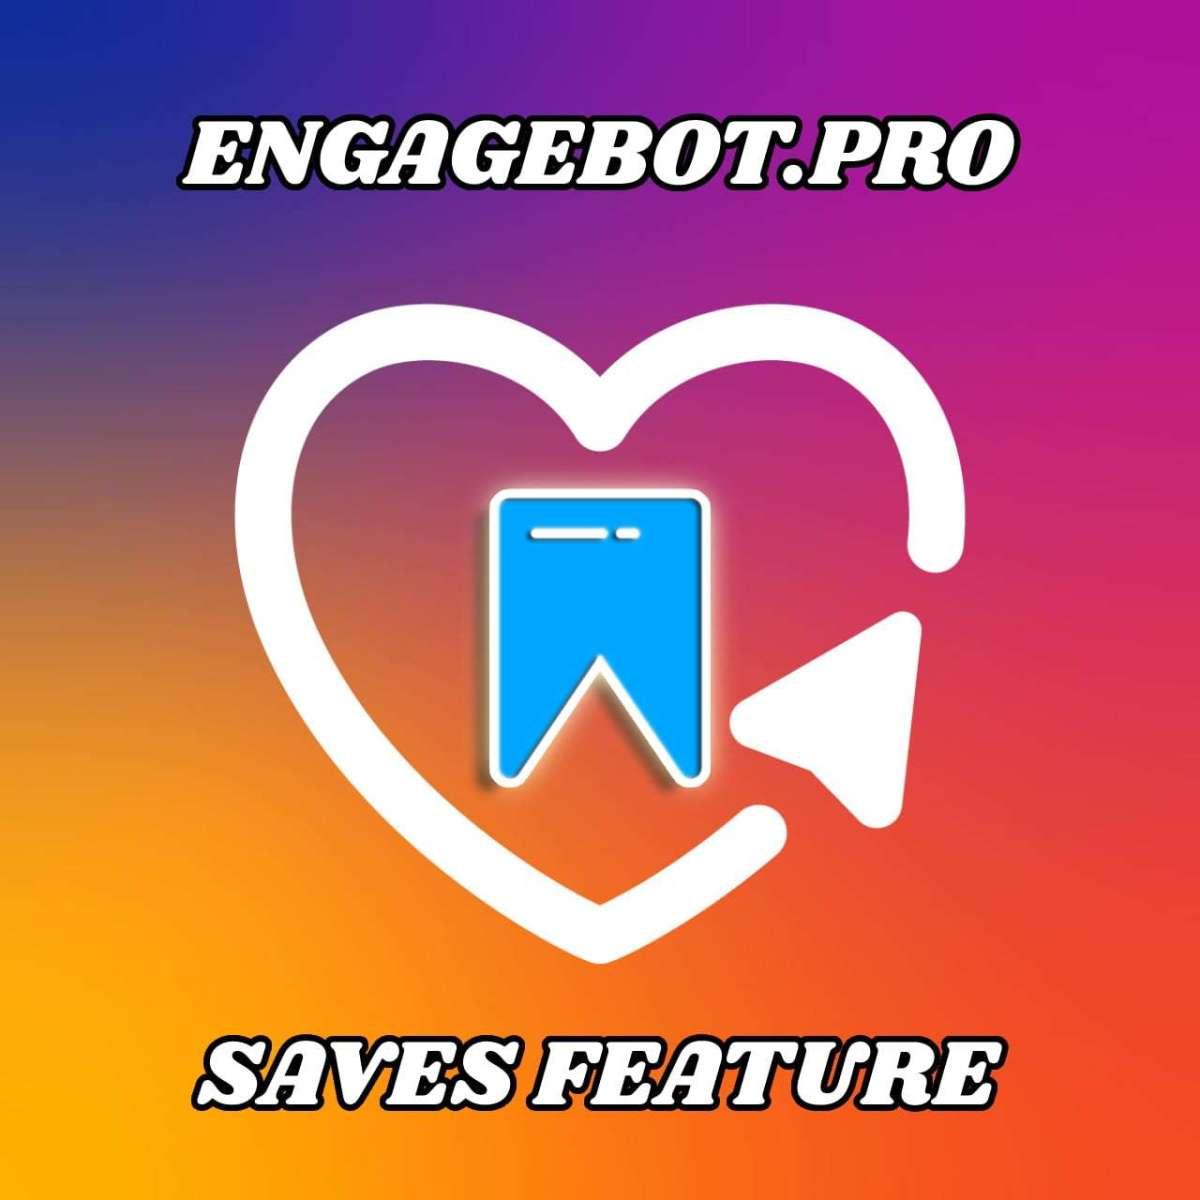 Dopo mesi di lavoro, finalmente la funzionalità di Controllo Save in EngageBot.PRO viene rilasciata in PUBLIC BETA: Corri anche tu a provarla e facci sapere i tuoi dubbi e pareri!